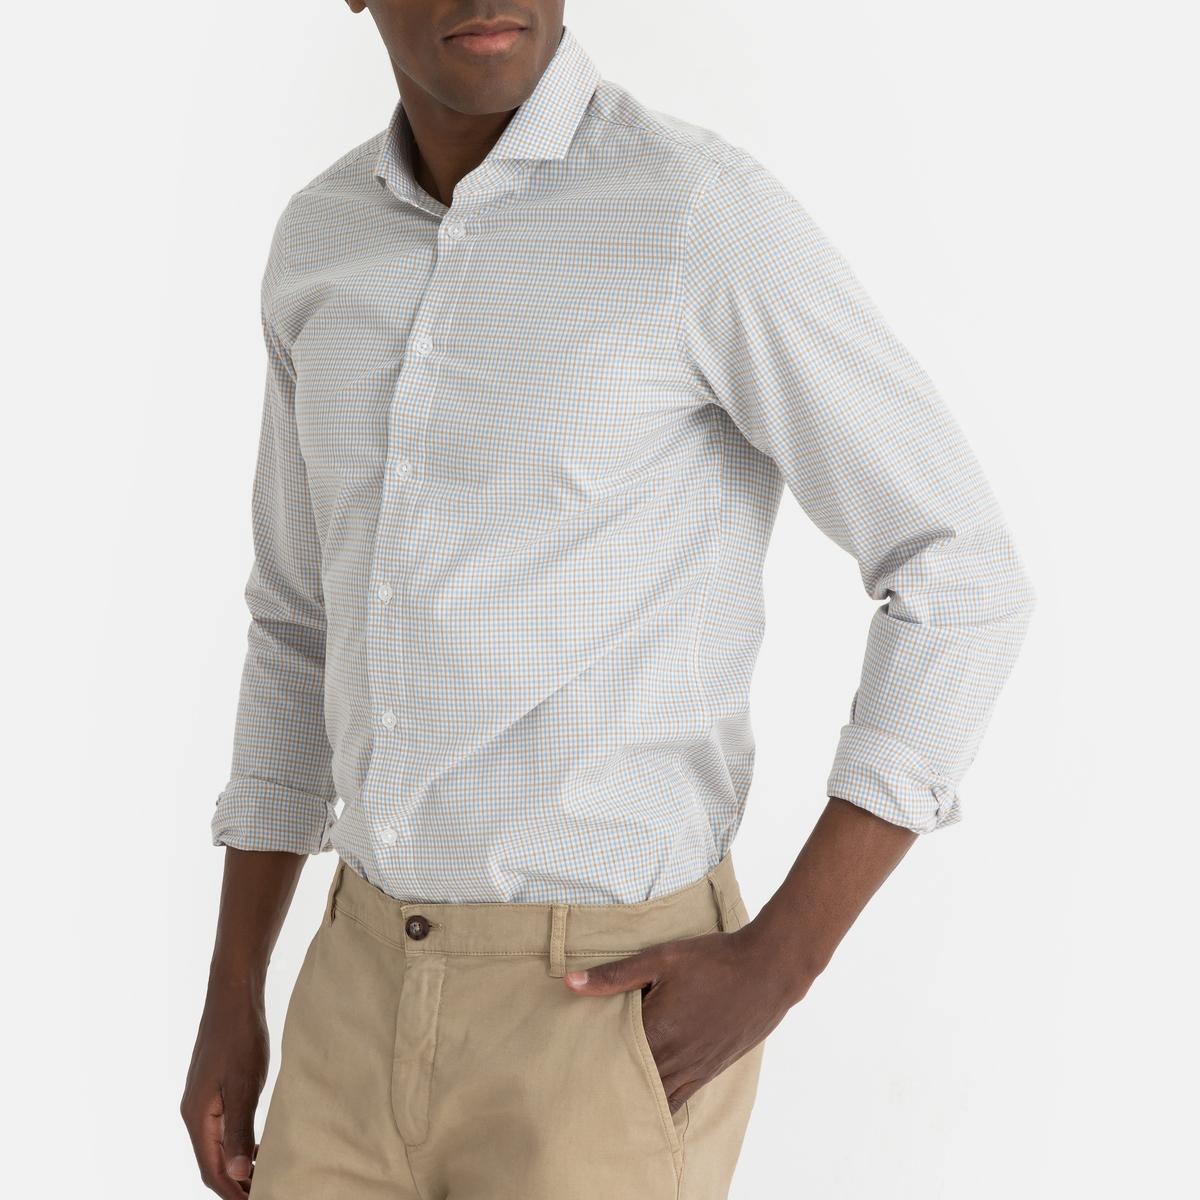 Рубашка La Redoute Прямого покроя с рисунком в мелкую клетку и длинными рукавами 37/38 бежевый рубашка la redoute прямого покроя в клетку с длинными рукавами 45 46 серый